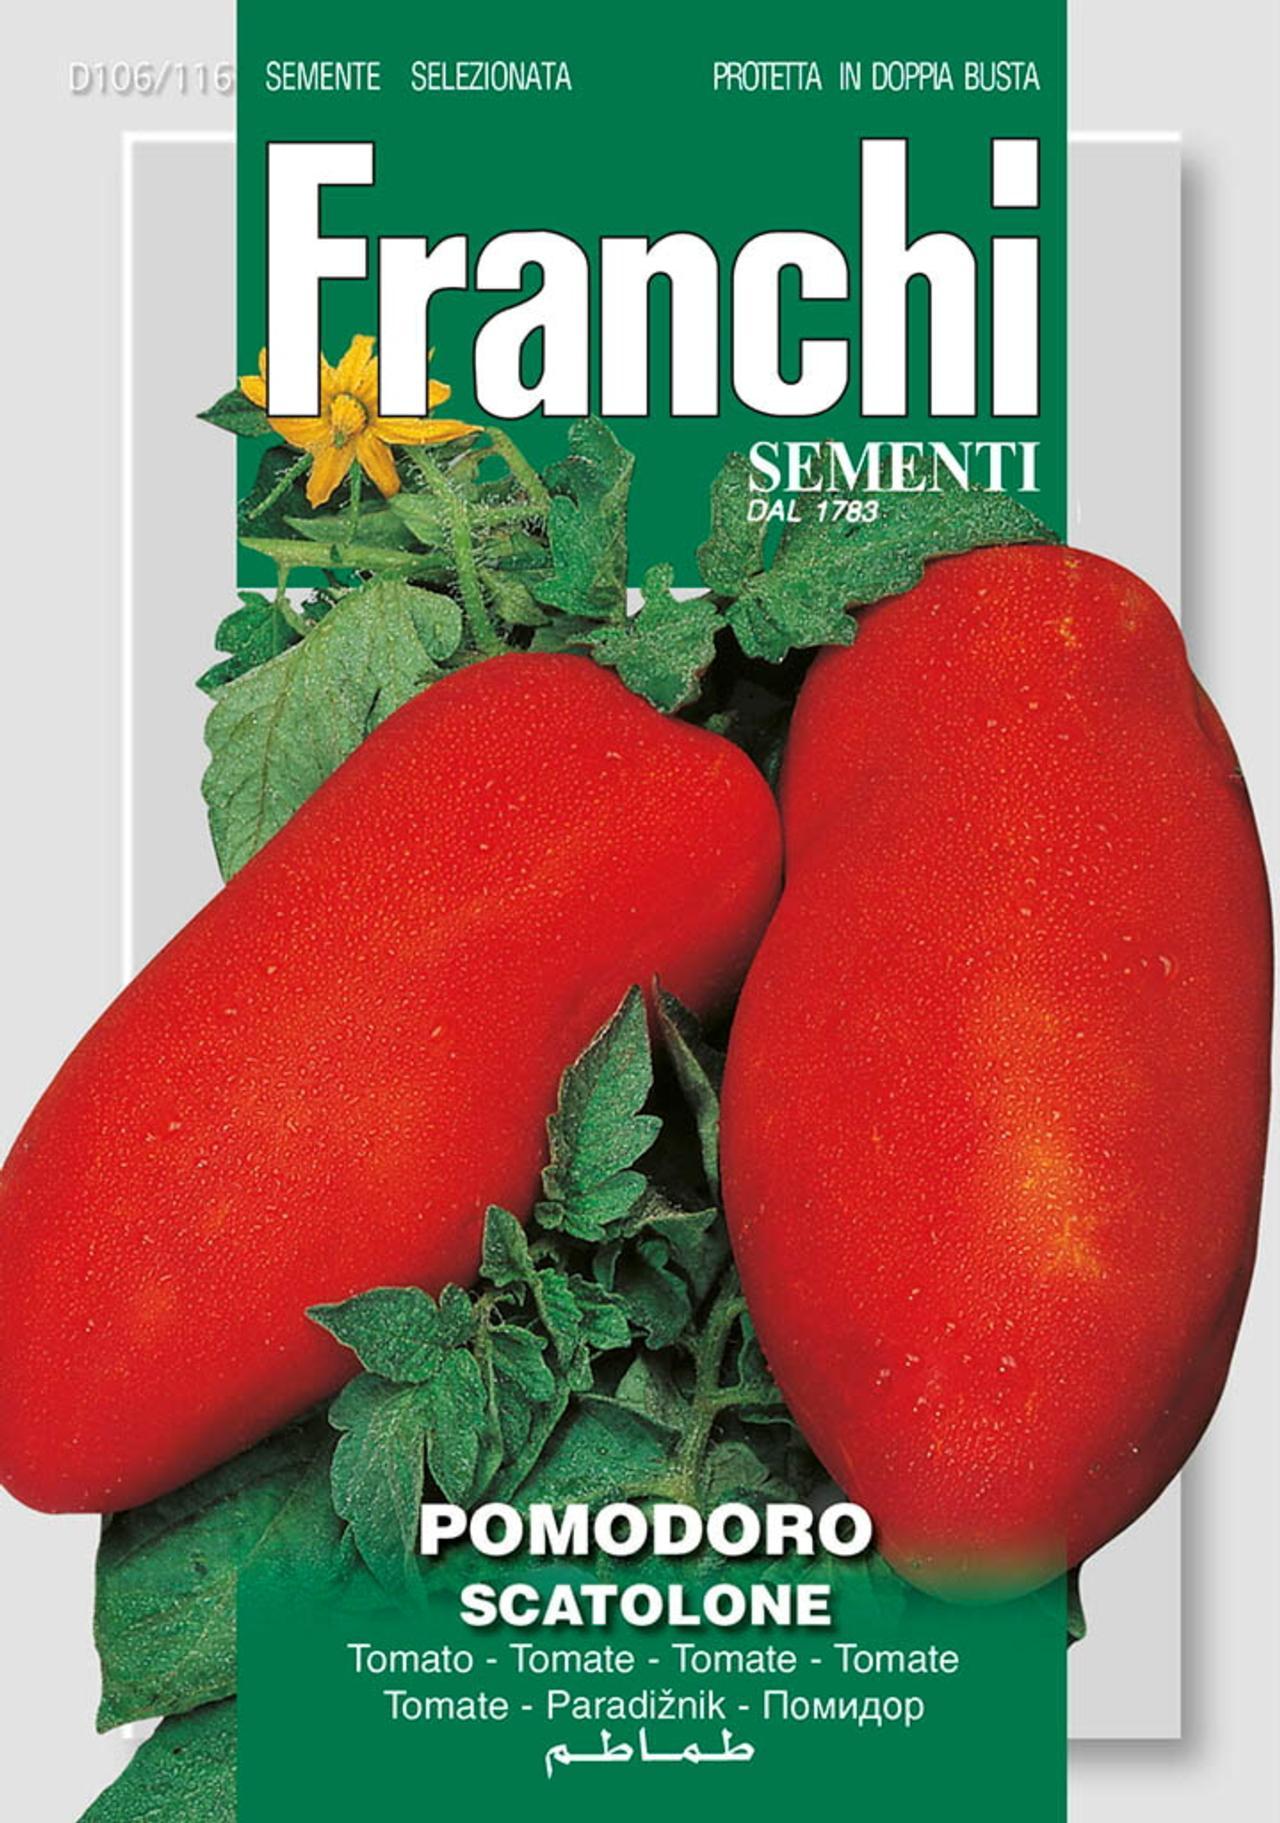 Solanum lycopersicum 'Scatolone' plant